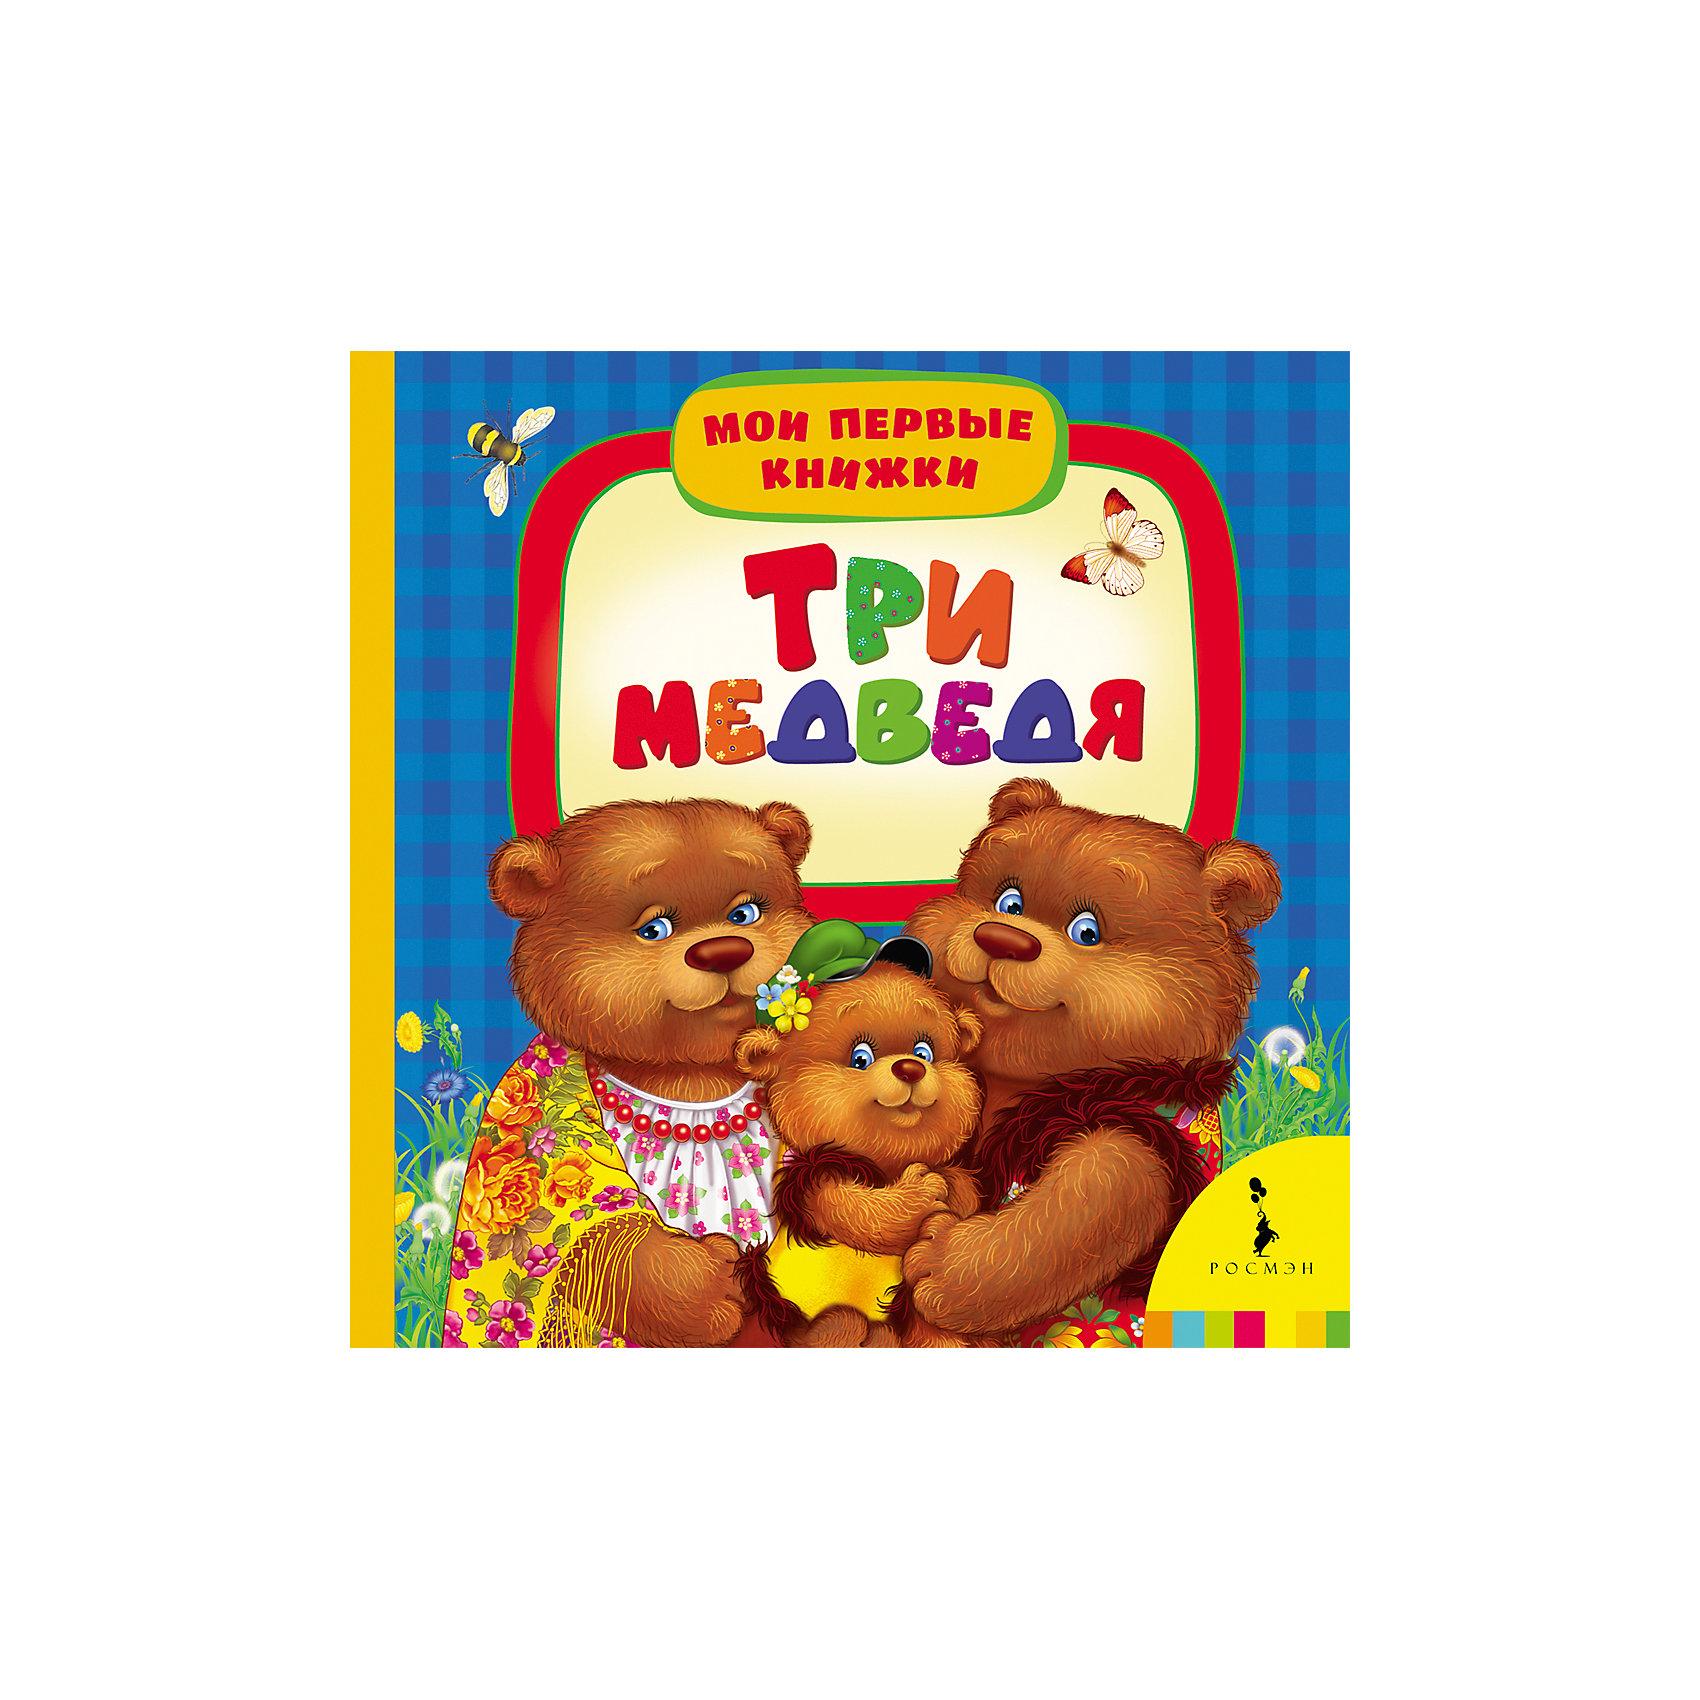 Росмэн Три медведя, Мои первые книжки книжки картонки росмэн первые книжки малыша гадкий утёнок